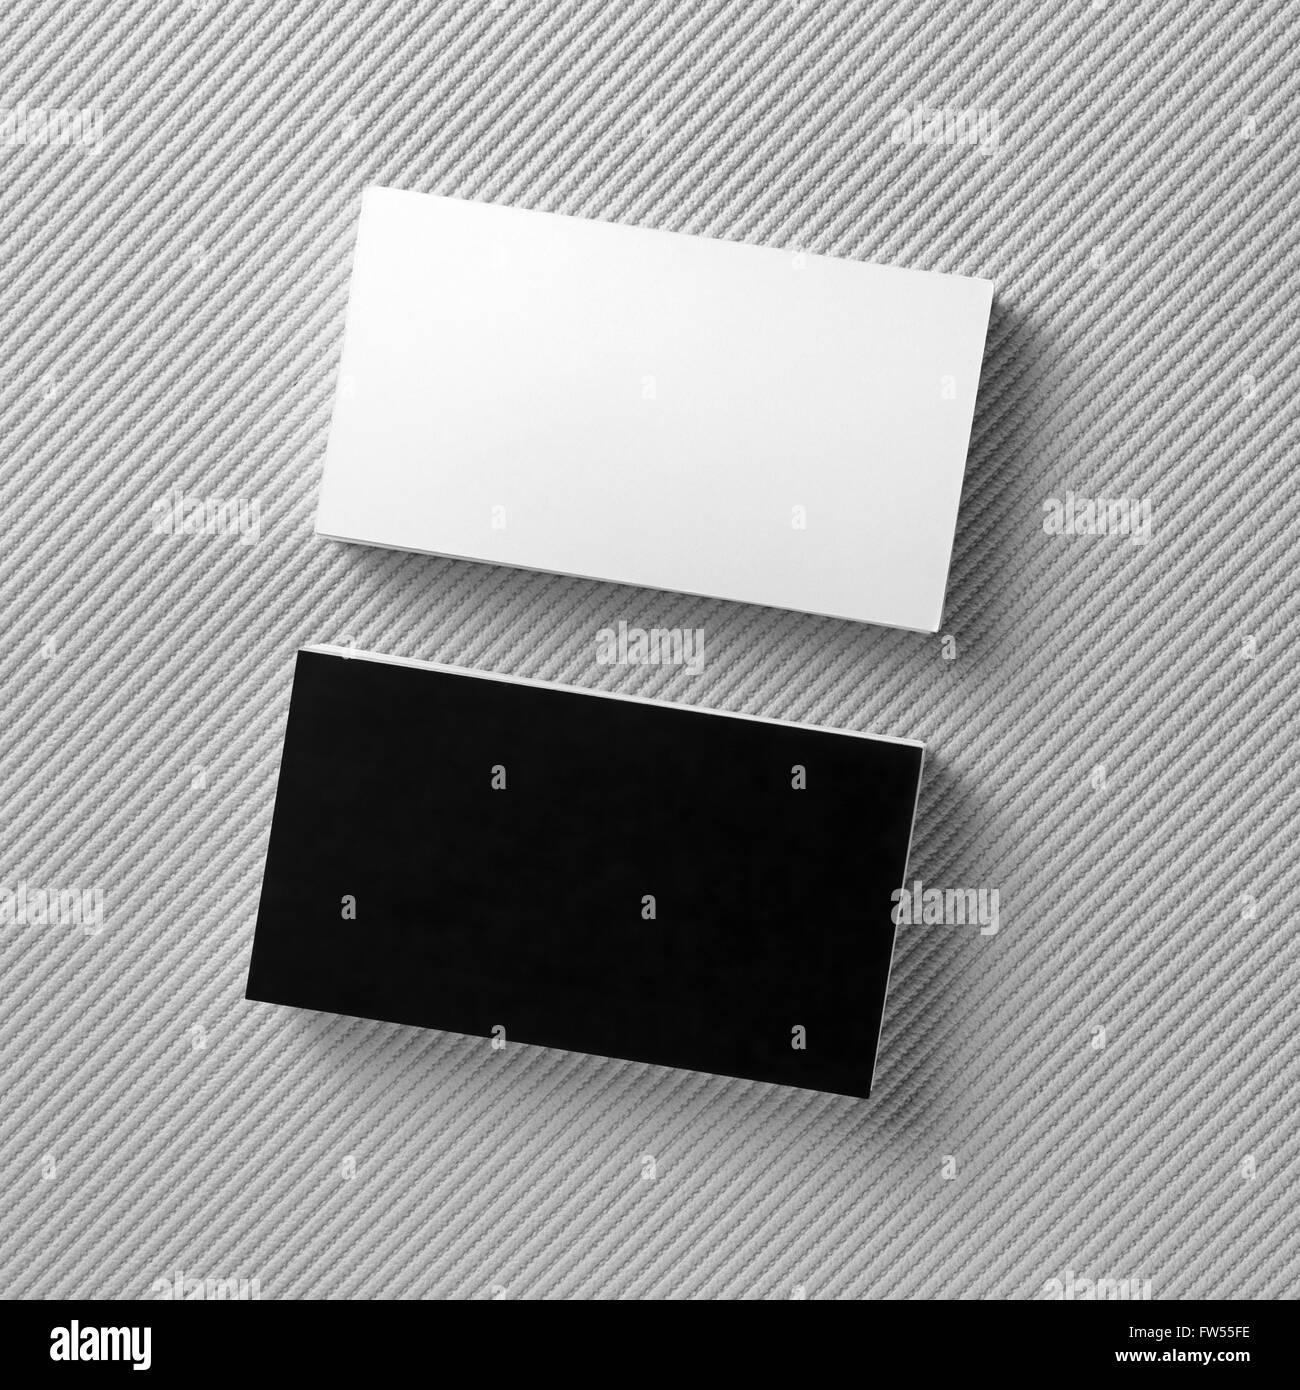 Leere Visitenkarten Schwarz Weiß Auf Grauem Hintergrund